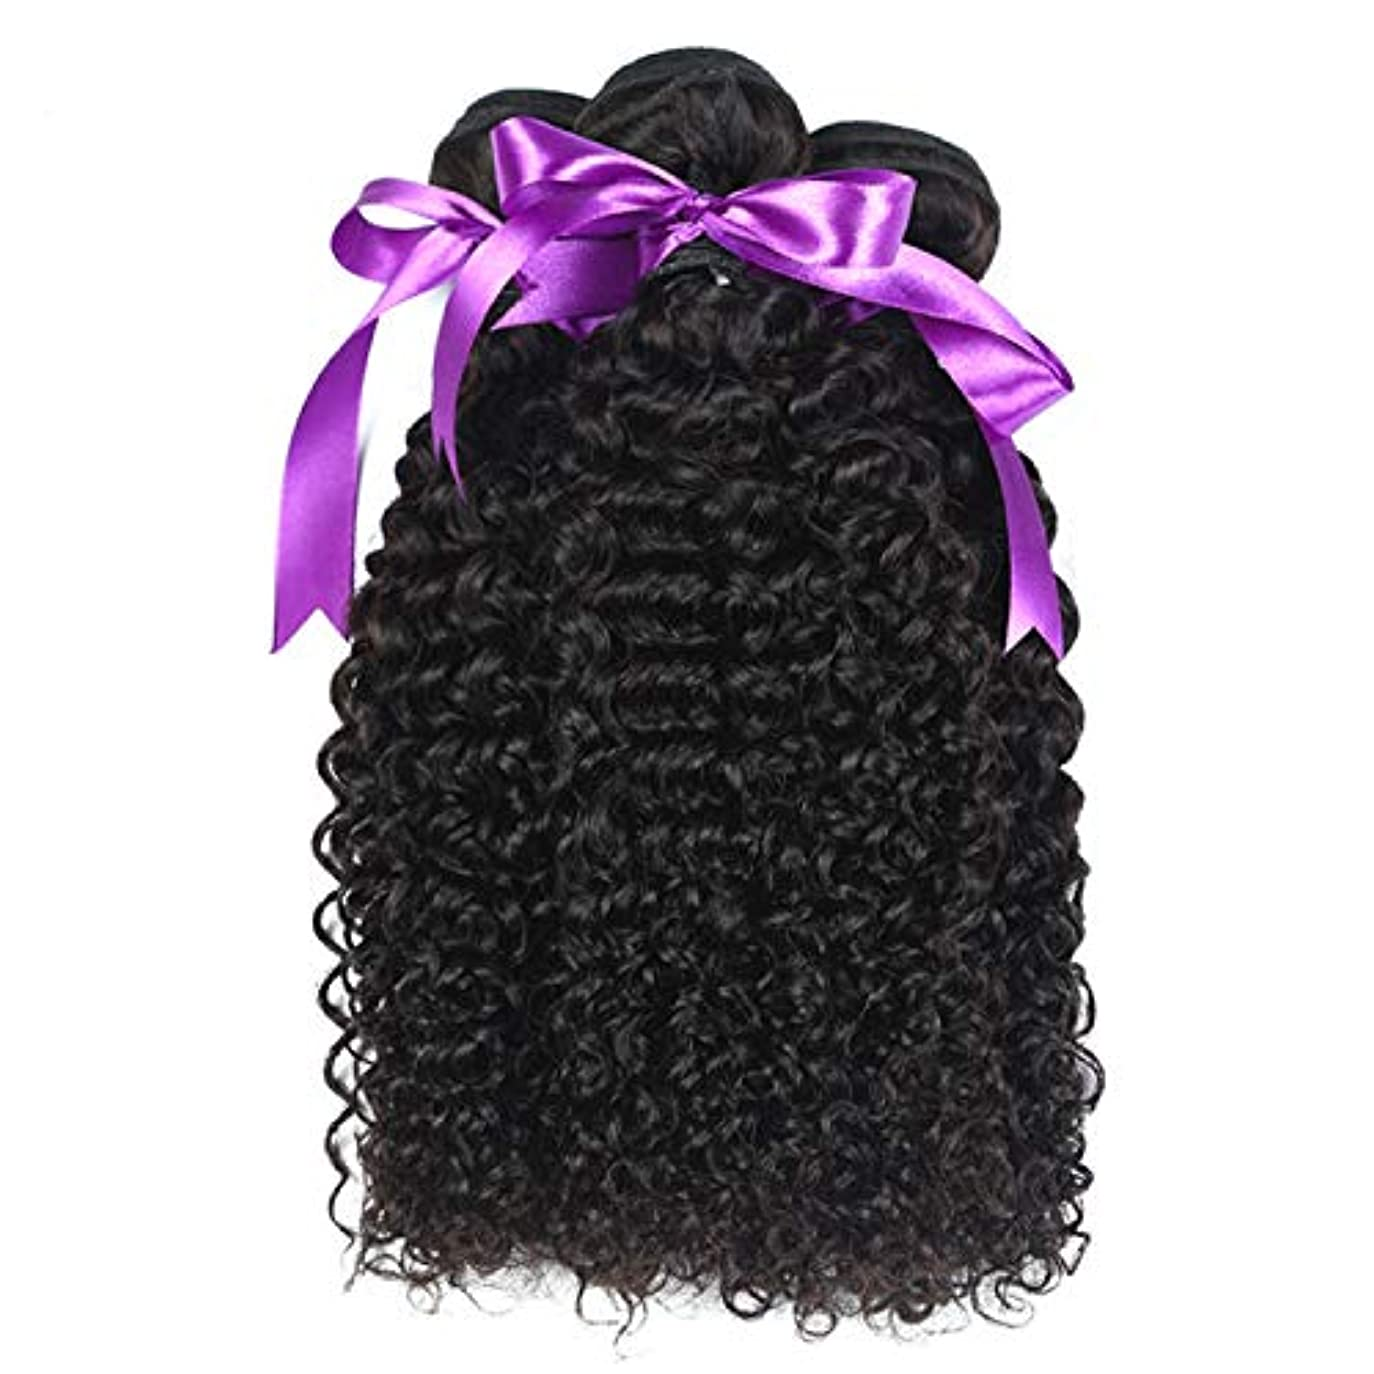 平手打ち複製する旋律的マレーシアの巻き毛の束8-28インチ100%の人間の毛髪は、Remyの毛のナチュラルカラー3個の巻き毛の束を織ります かつら (Stretched Length : 14 16 18)